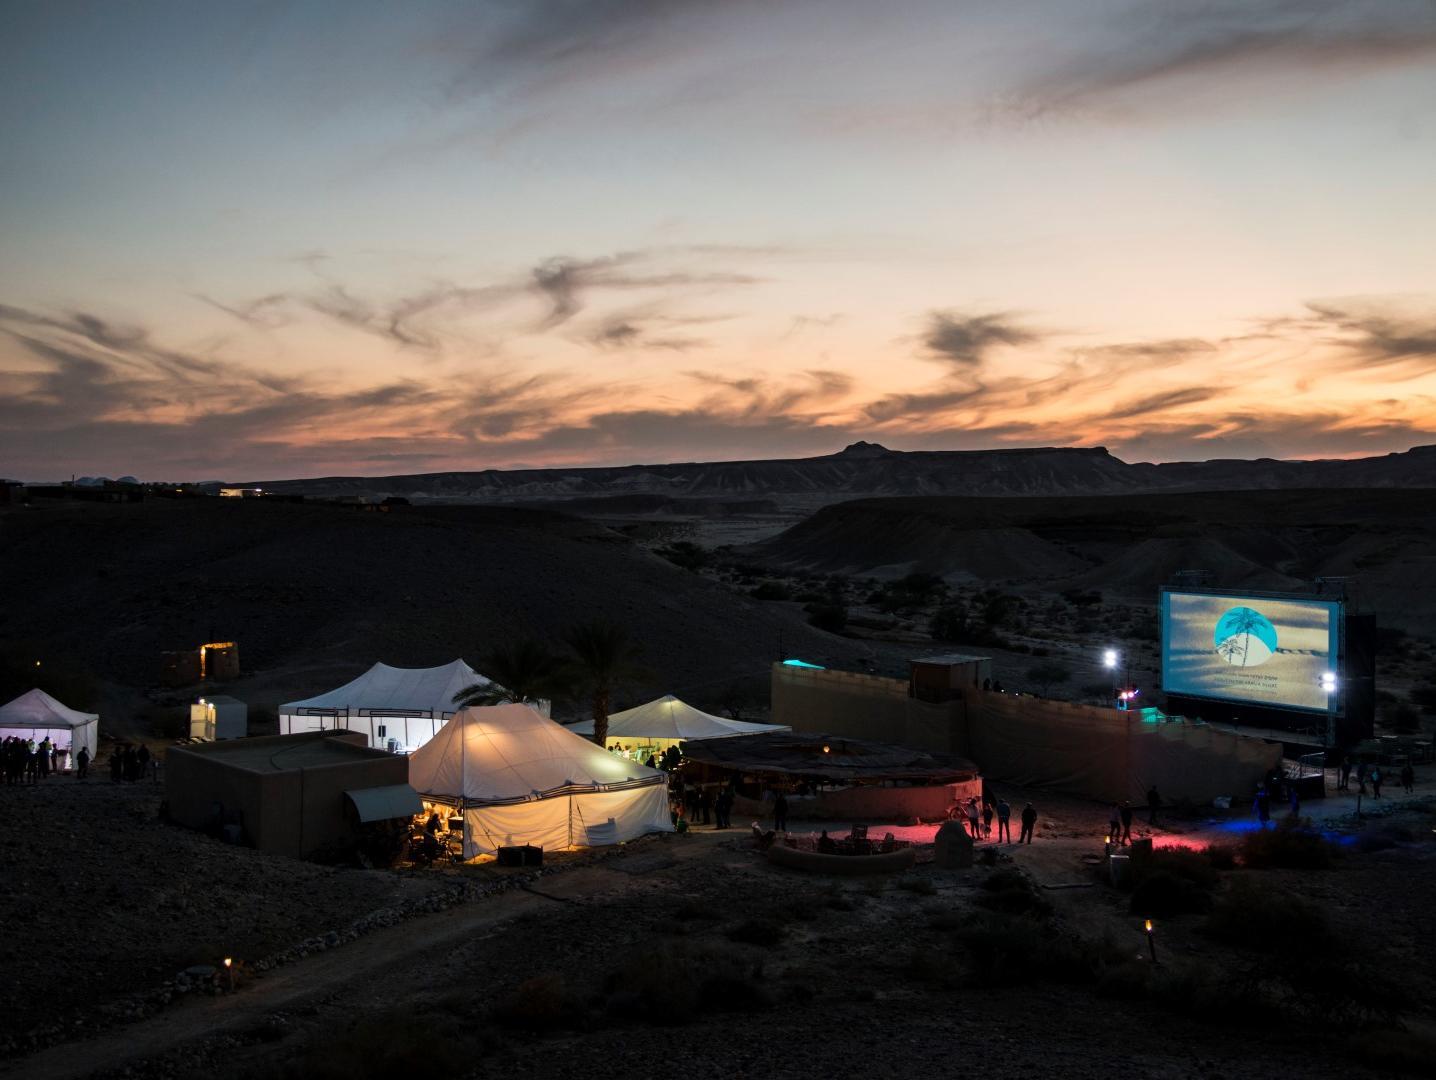 בסוף המדבר יש שם: בפסטיבל סרטים בערבה יש משהו שלמעט פסטיבלים בעולם יש